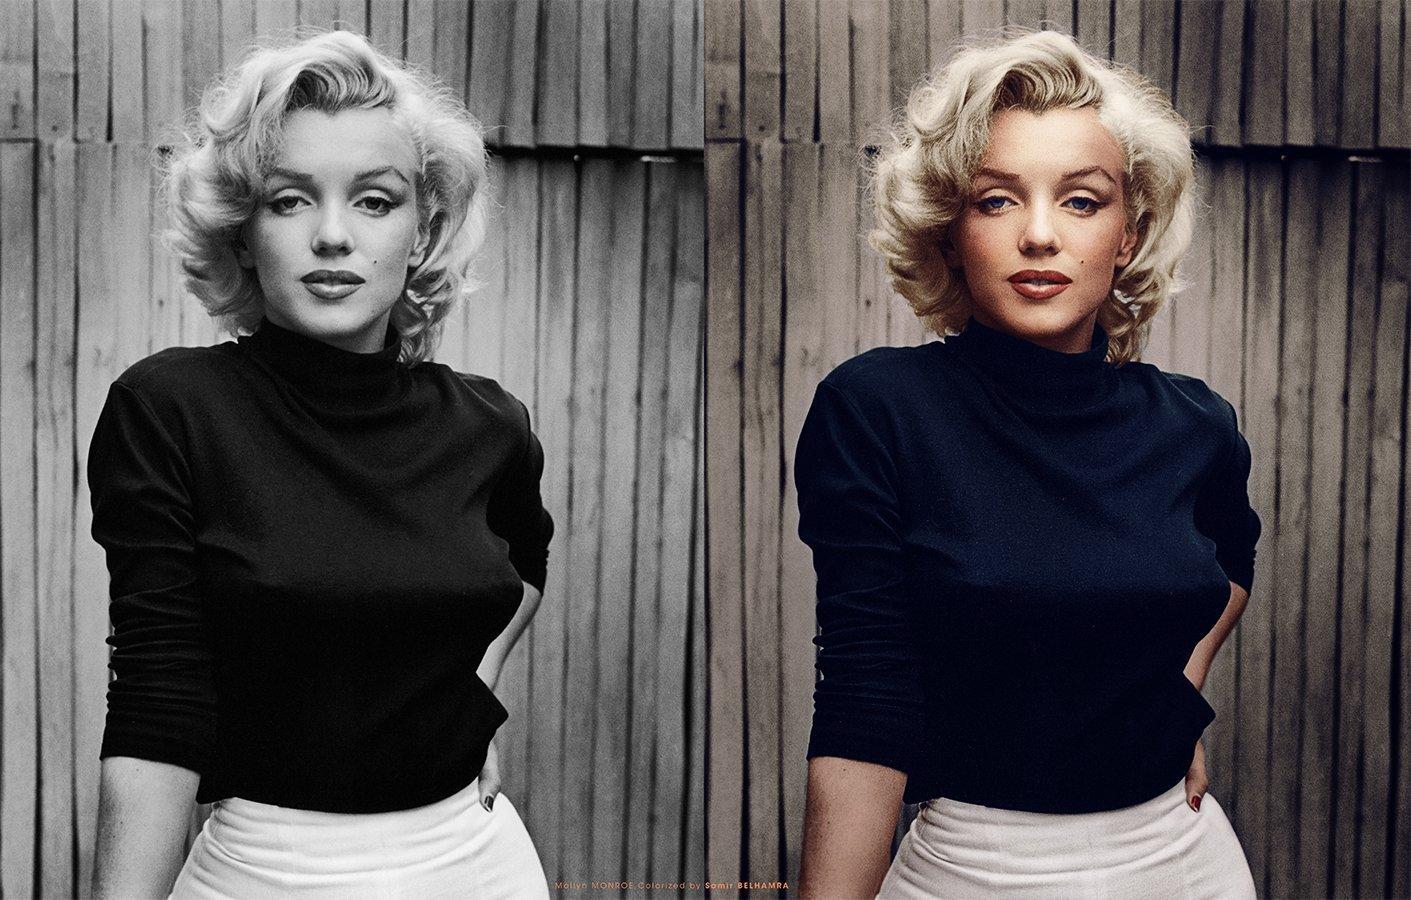 Siyah Beyaz Fotoğraflarınızı Renklendiren Başarılı Site